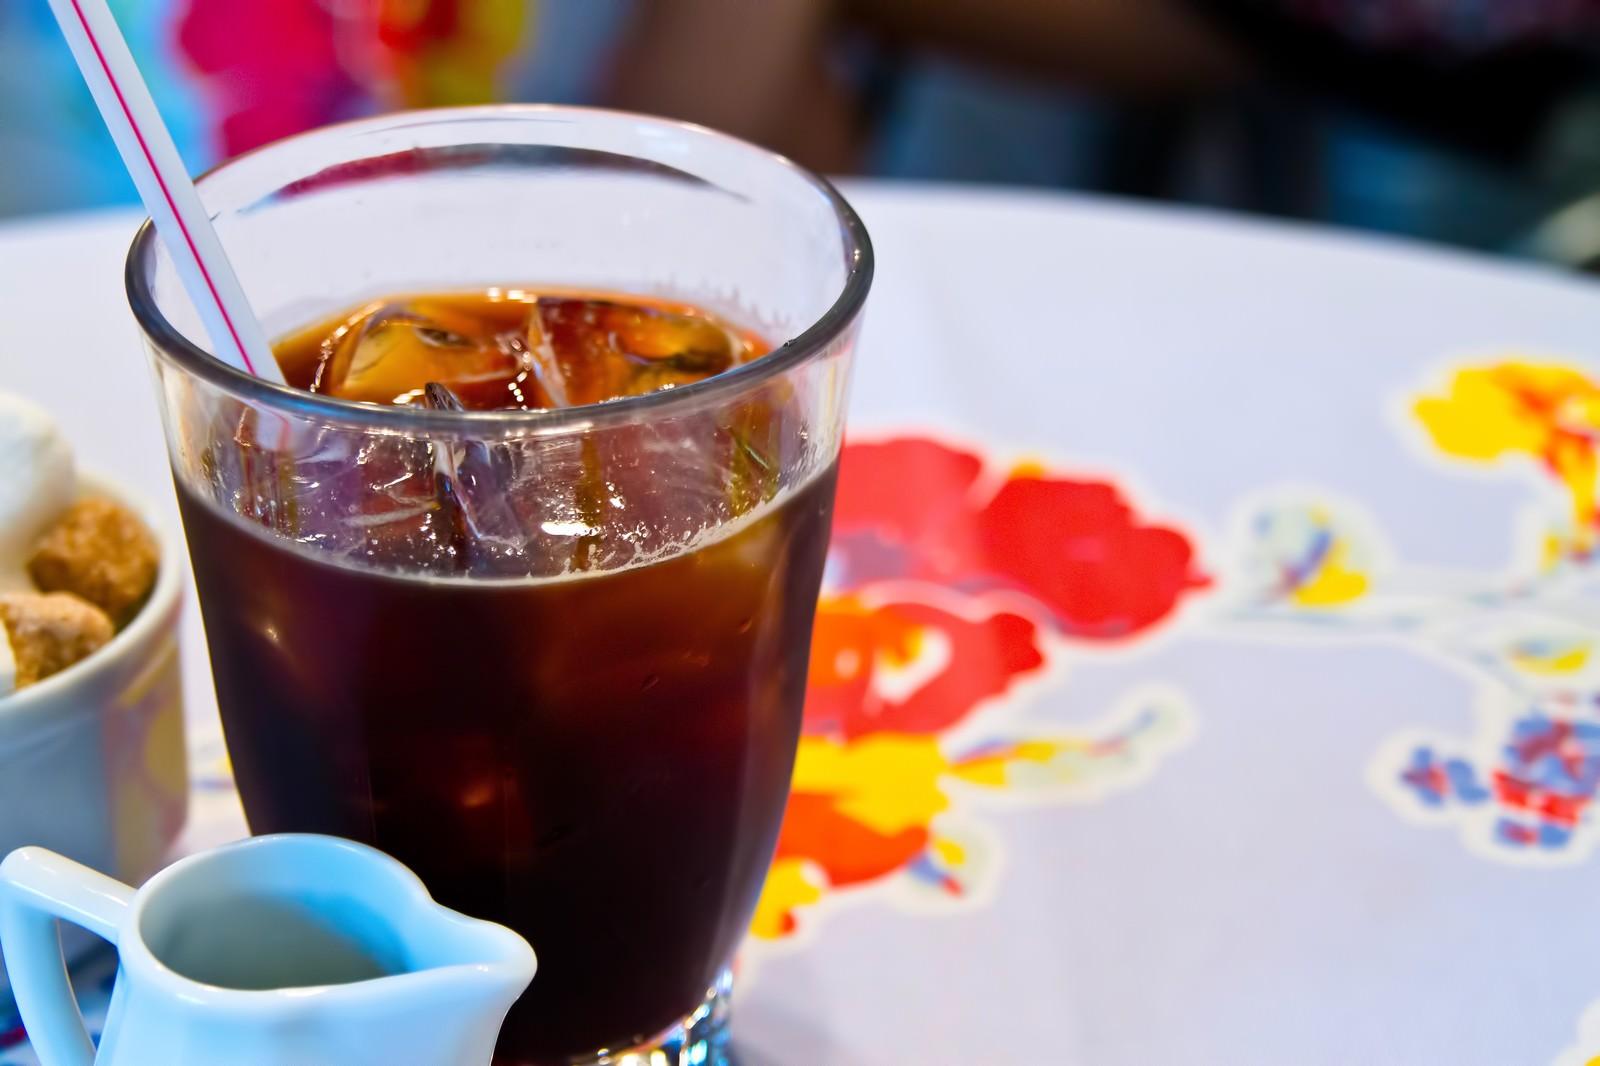 「アイスコーヒーとミルクアイスコーヒーとミルク」のフリー写真素材を拡大